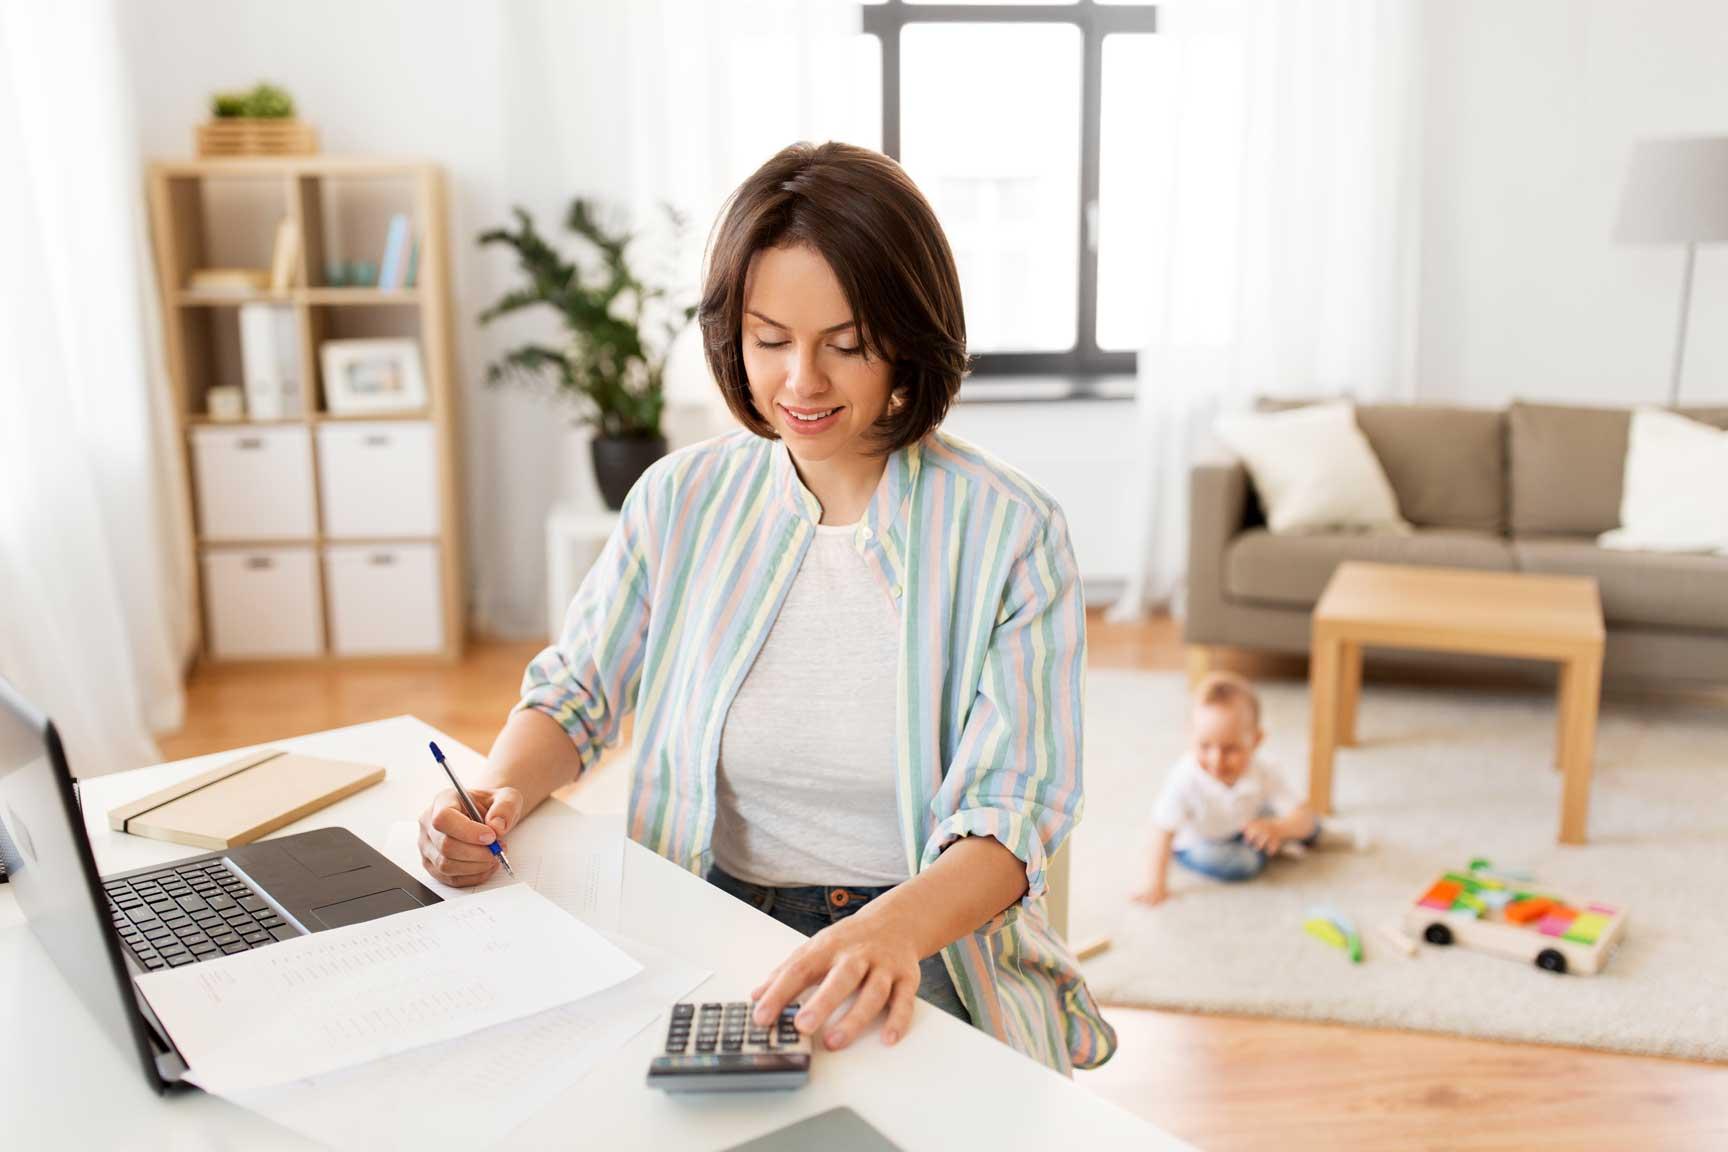 Junge Mutter mit Kind arbeitet dank flexibler Arbeitszeiten von Zuhause aus.